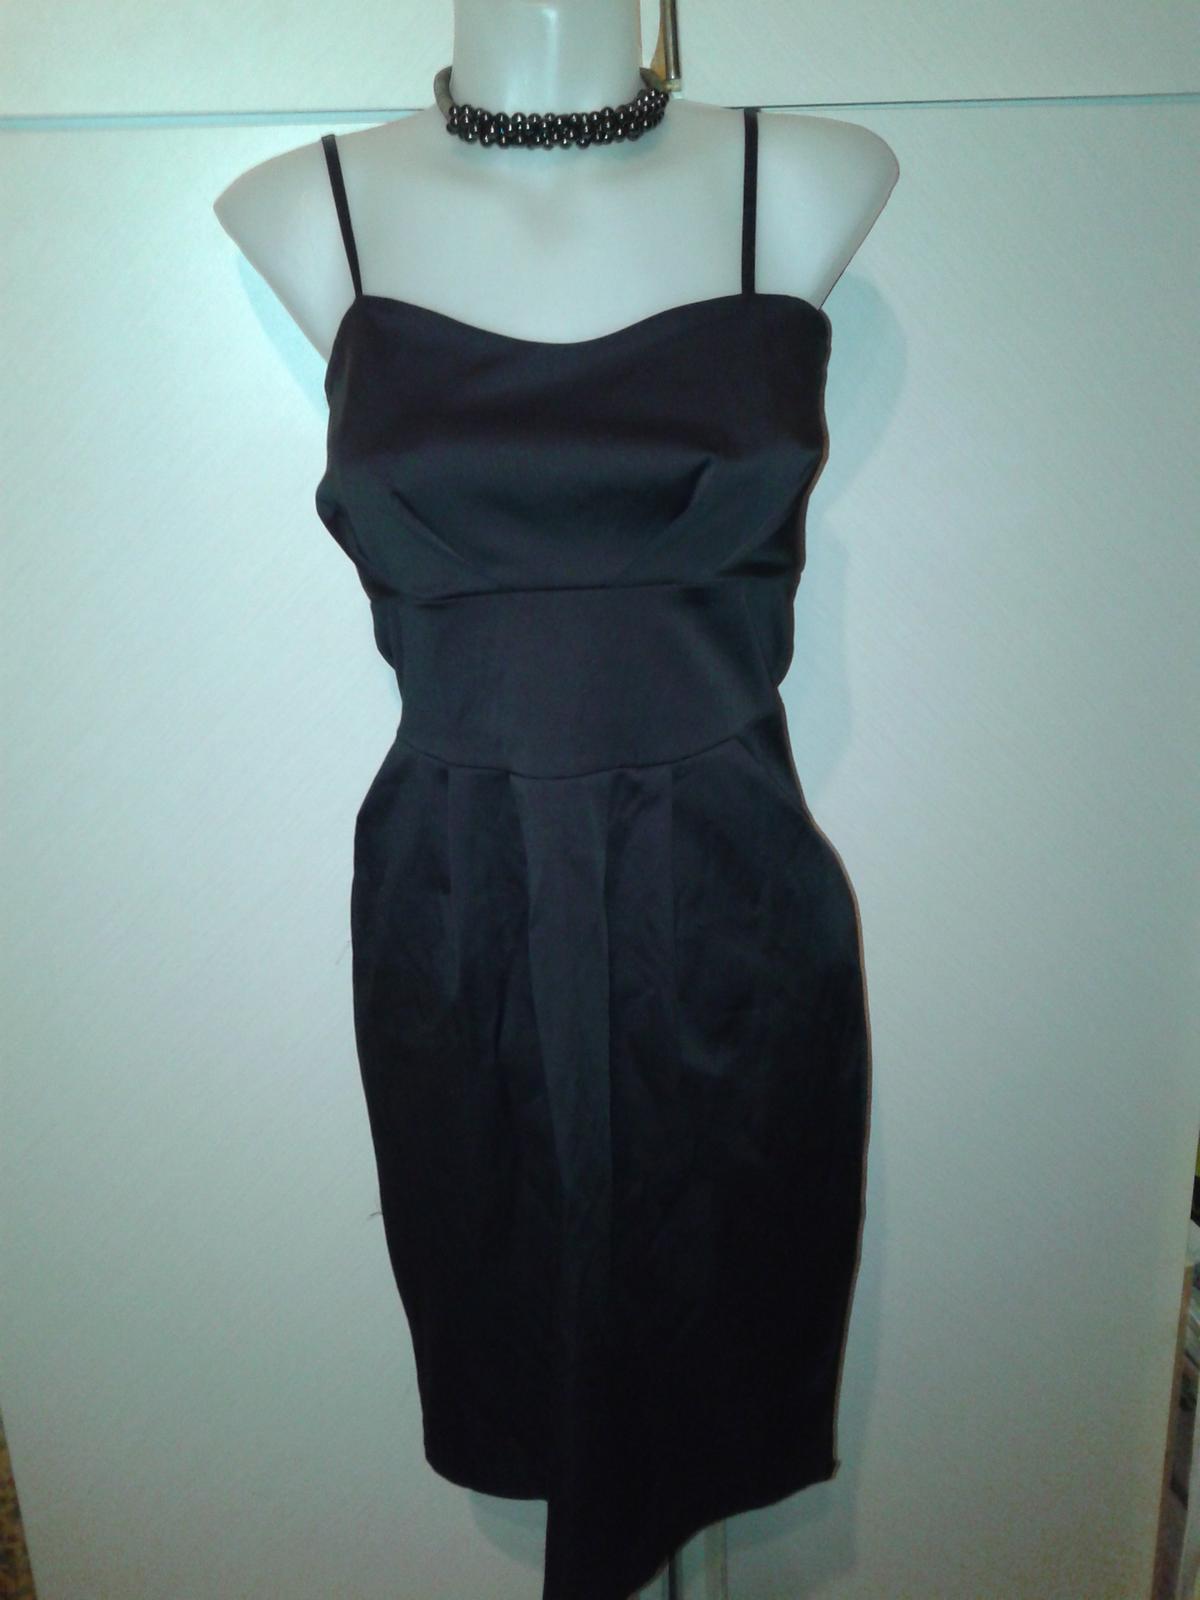 čierne spoločenské šaty Rinascimento veľ. M - Obrázok č. 3